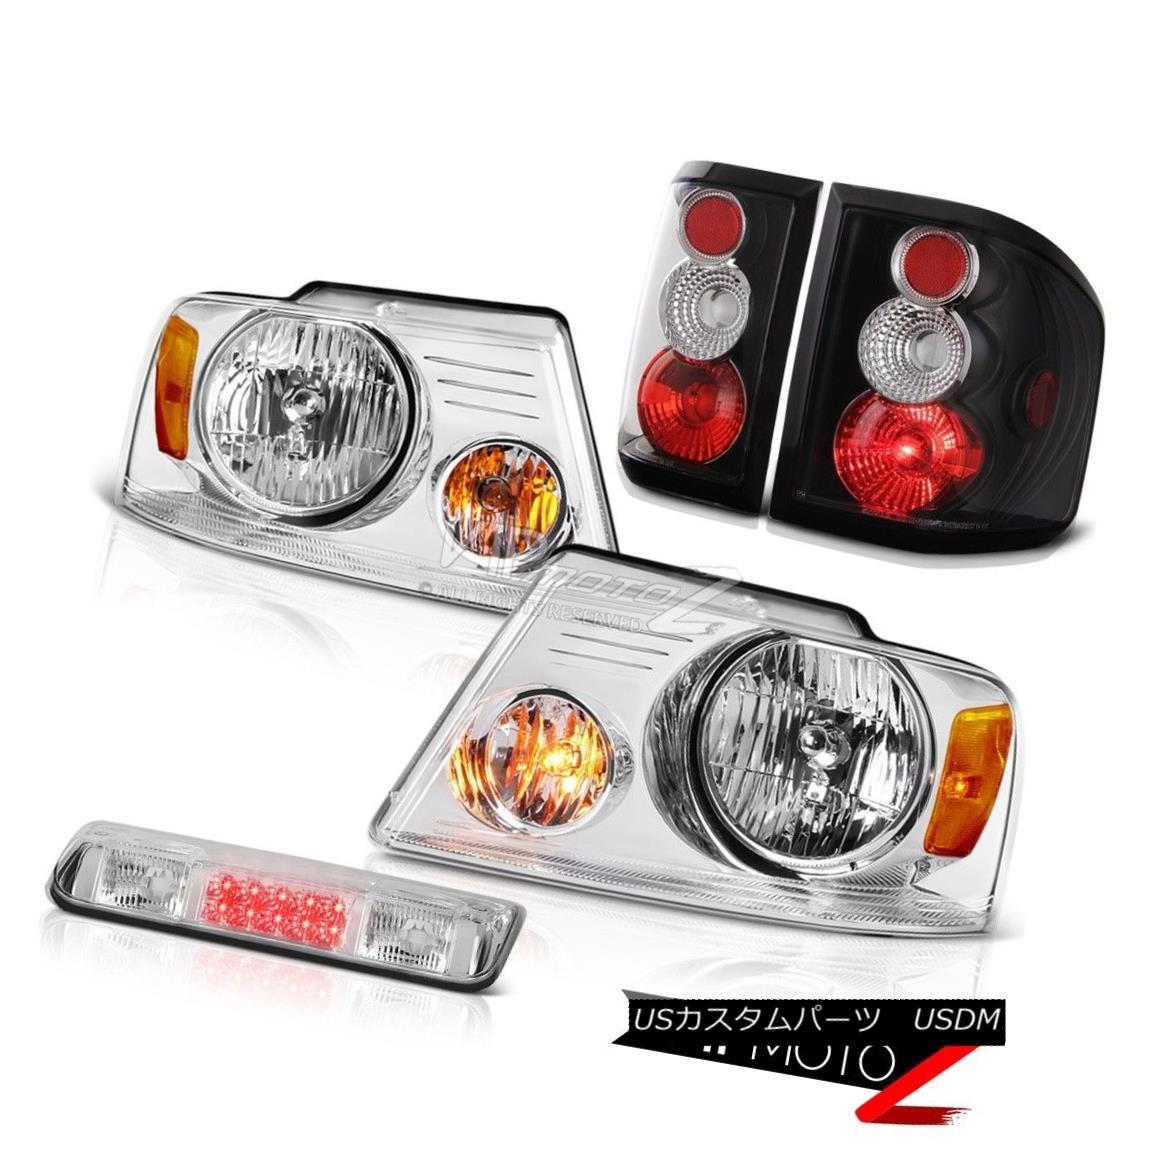 ヘッドライト 04-08 Ford F150 Flarside STX 3rd Brake Lamp Headlamps Black Rear Lights LED Euro 04-08 Ford F150 Flareside STX第3ブレーキランプヘッドランプブラックリアライトLEDユーロ